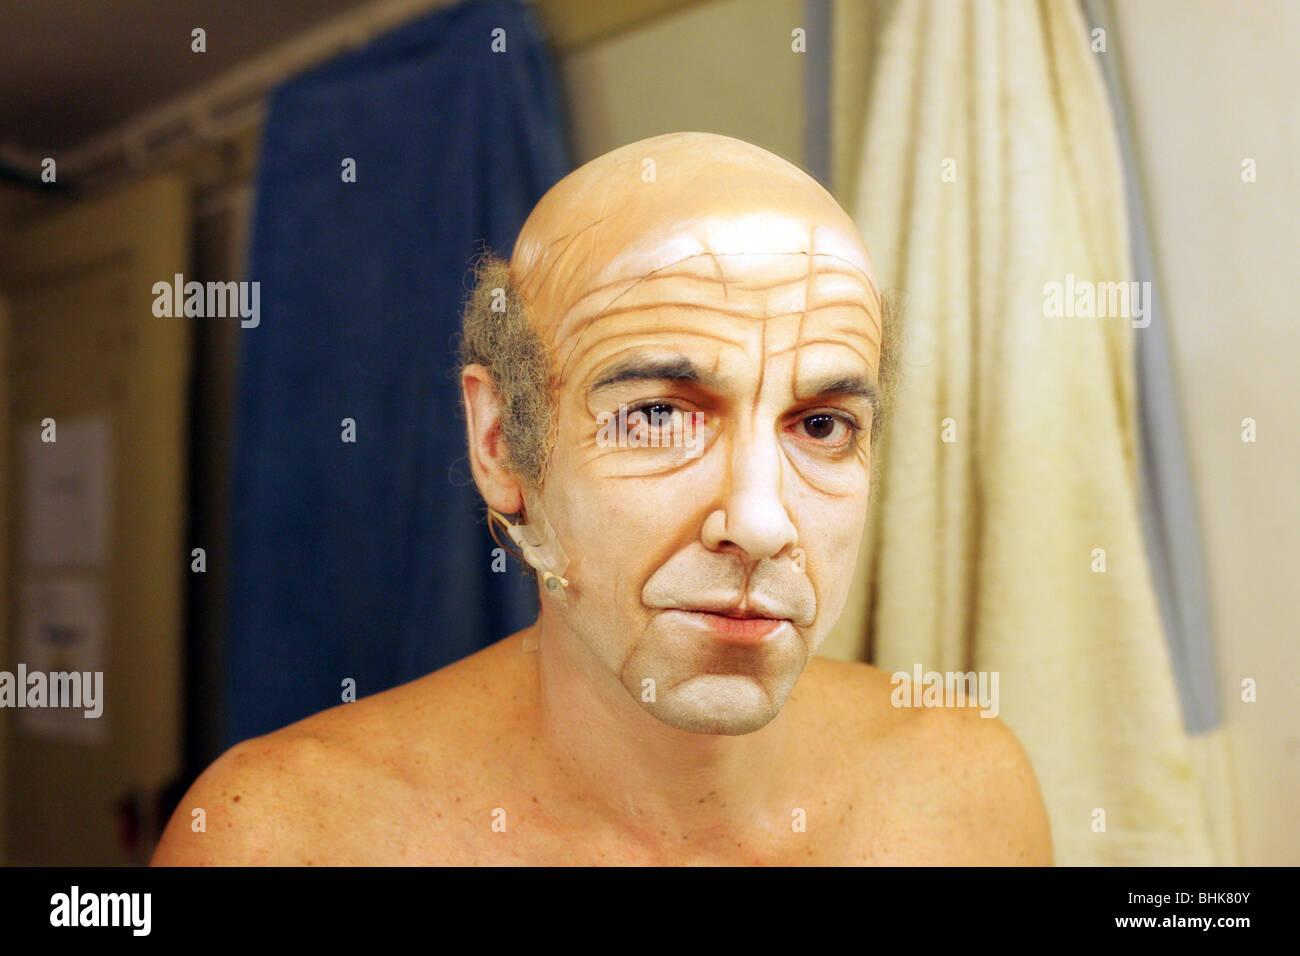 Porträt des Schauspielers mit Make up. Stockbild